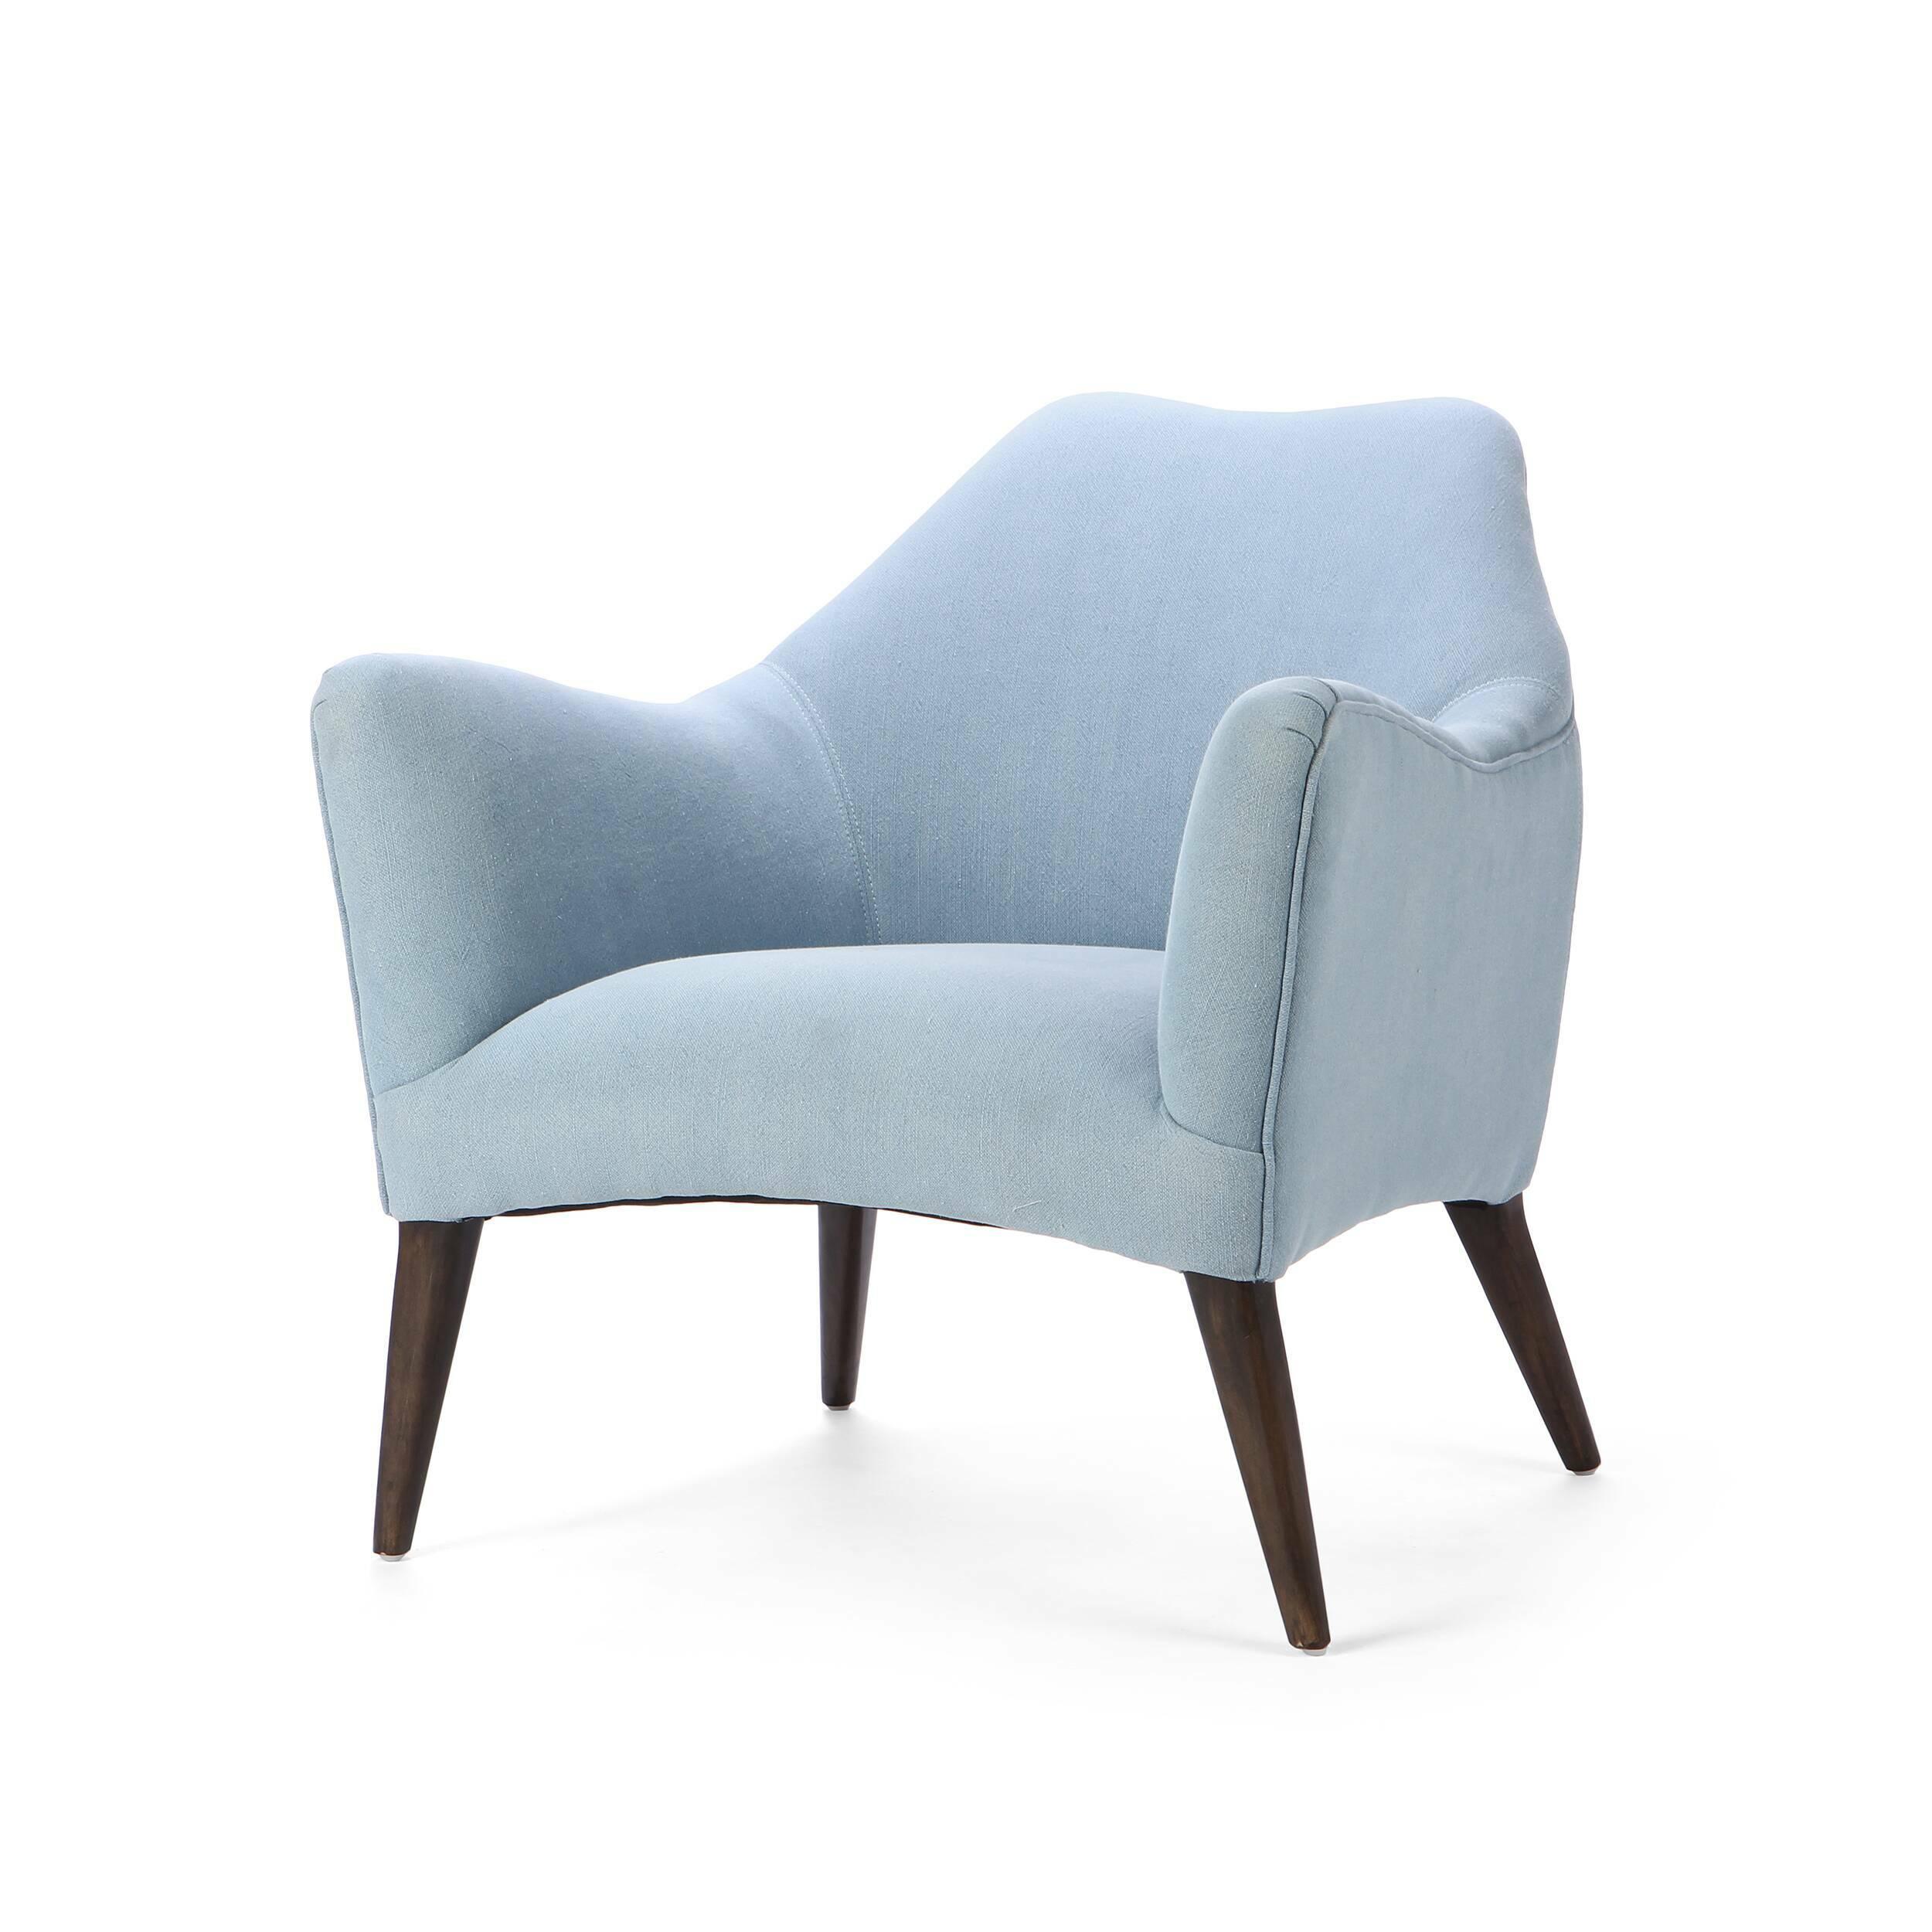 Кресло SvenИнтерьерные<br>Дизайнерское красивое анатомическое удобное кресло Sven (Свен) на деревянных ножках от Cosmo (Космо).<br><br><br> Дизайнеры компании Cosmo не устают радовать нас своими замечательными творениями. Представленное здесь кресло Sven обязательно придется по вкусу любому ценителю современных дизайнерских решений. Кресло имеет интересную форму, которая повторяет анатомические особенности тела человека, за счет чего вы сможете прекрасно отдохнуть в нем. Кресло предлагается в двух вариантах: голубом и бе...<br><br>stock: 0<br>Высота: 76<br>Высота сиденья: 43<br>Ширина: 76<br>Глубина: 79<br>Цвет ножек: Темно-коричневый<br>Материал ножек: Массив березы<br>Материал обивки: Хлопок, Лен<br>Тип материала обивки: Ткань<br>Тип материала ножек: Дерево<br>Цвет обивки: Голубой